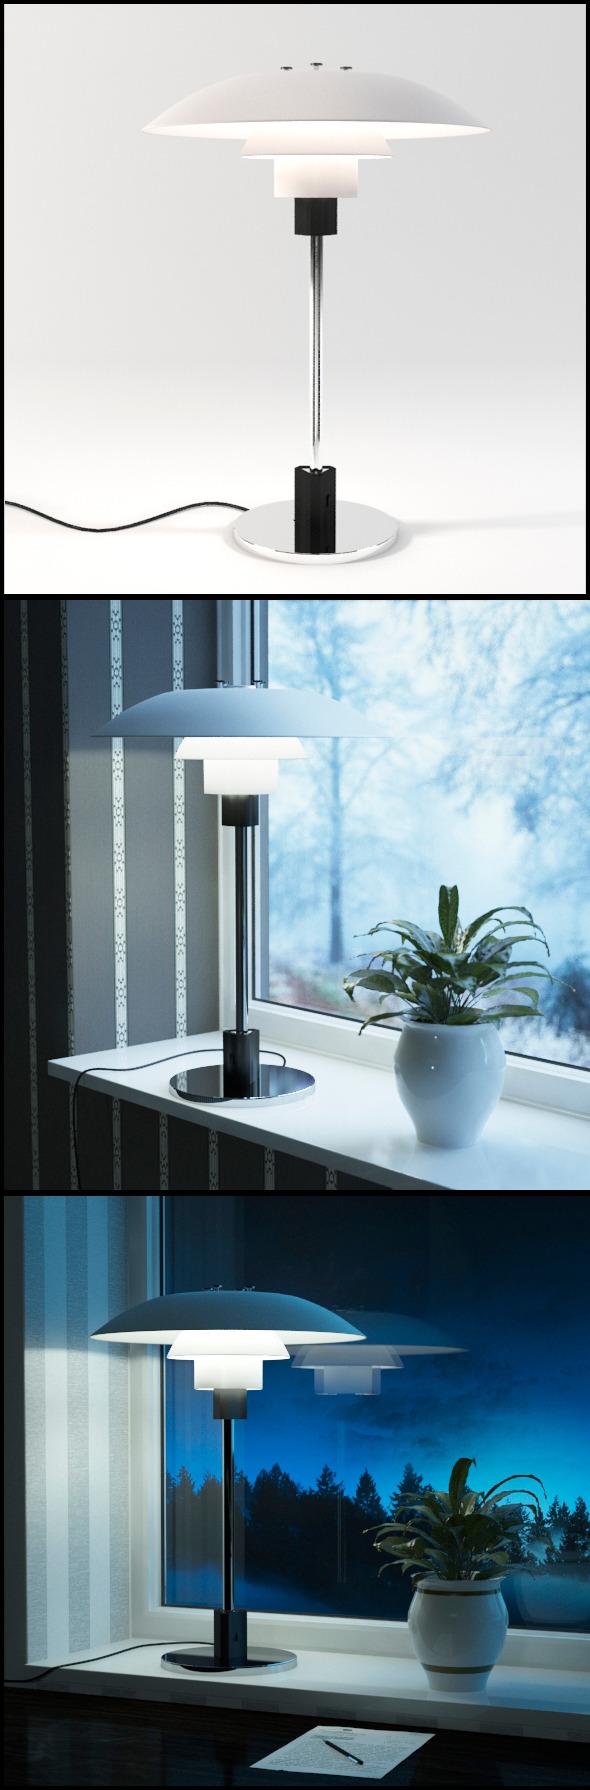 Louis Poulsen (Poul Henningsen) 3/4 Table Lamp - 3DOcean Item for Sale